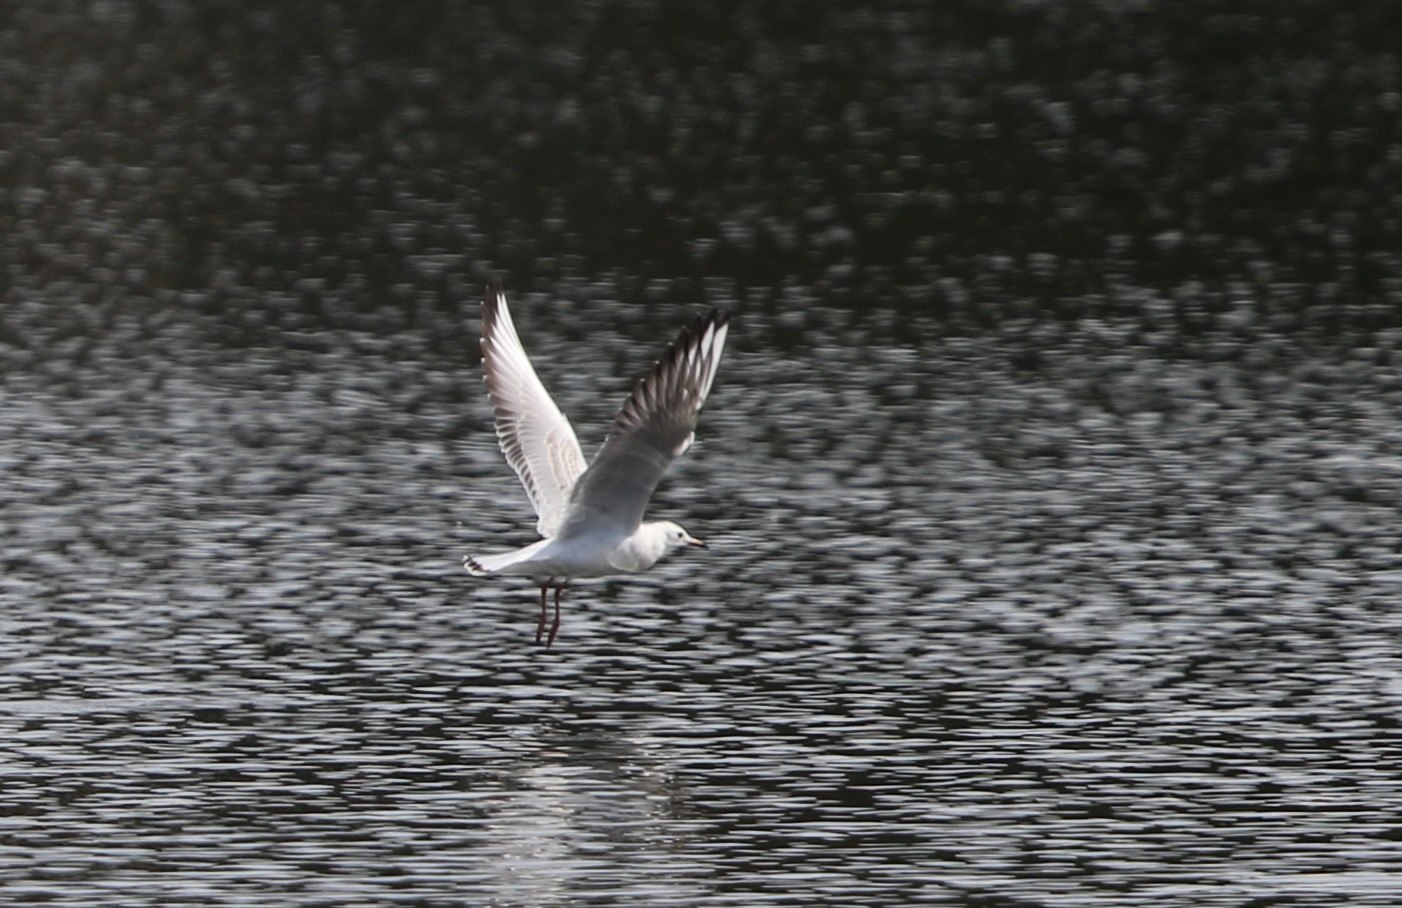 MFの沼でユリカモメ&アジサシに逢えた_f0239515_16183867.jpg